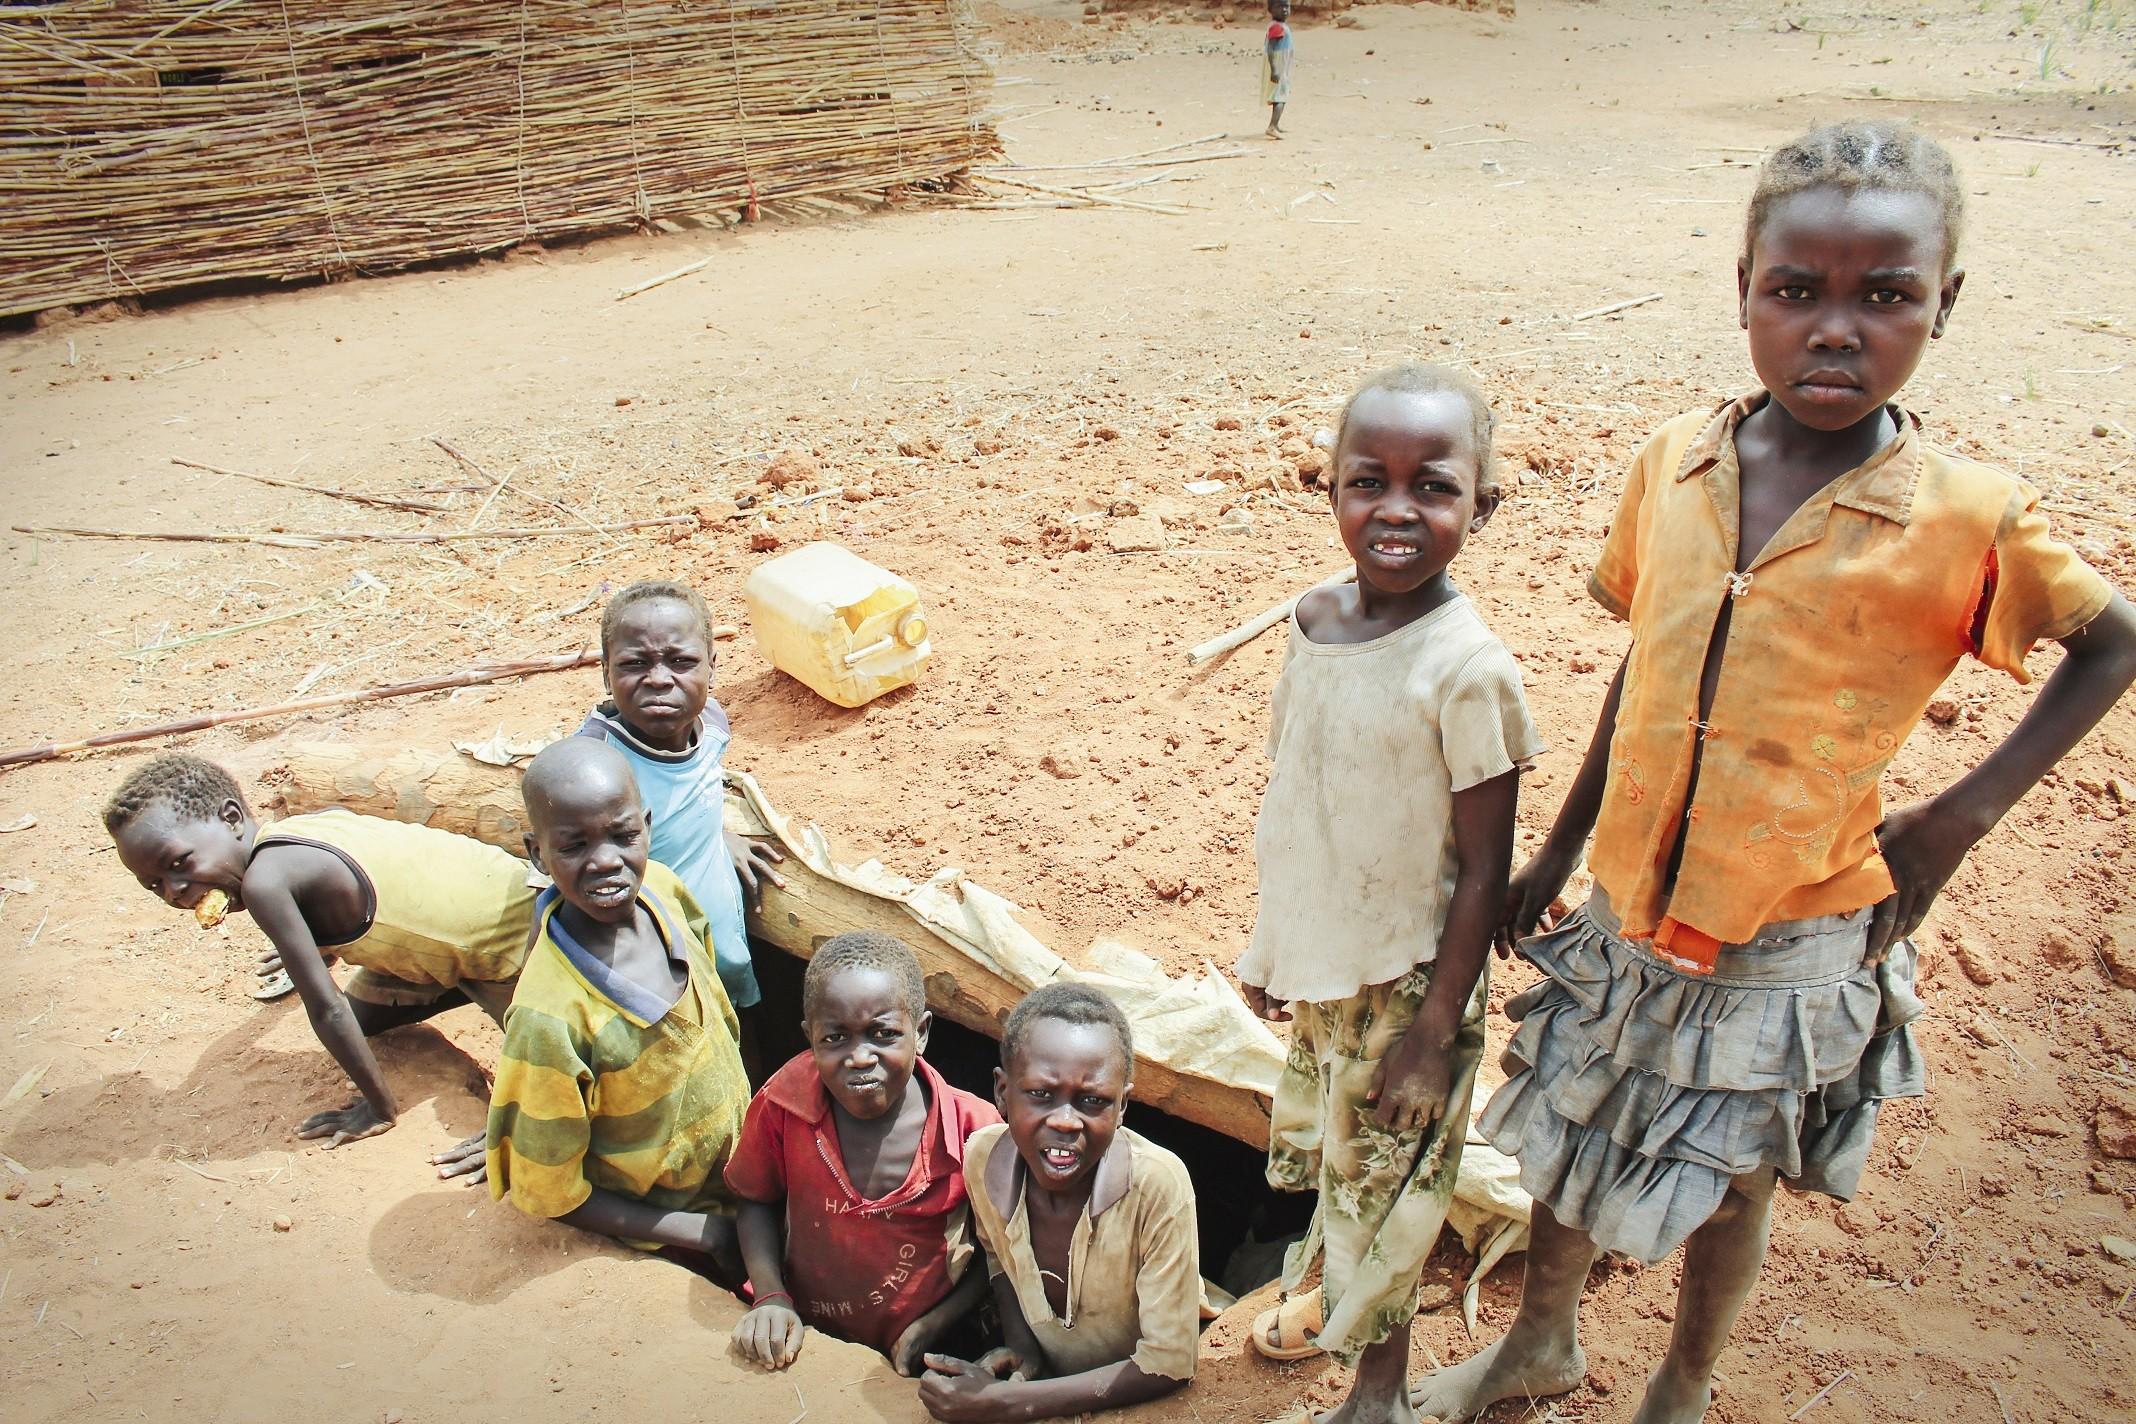 Nuba-vuorilla koulujen viereen on kaivettu maahan pommisuojia lasten turvaksi. Kuva: Marttyyrien Ääni